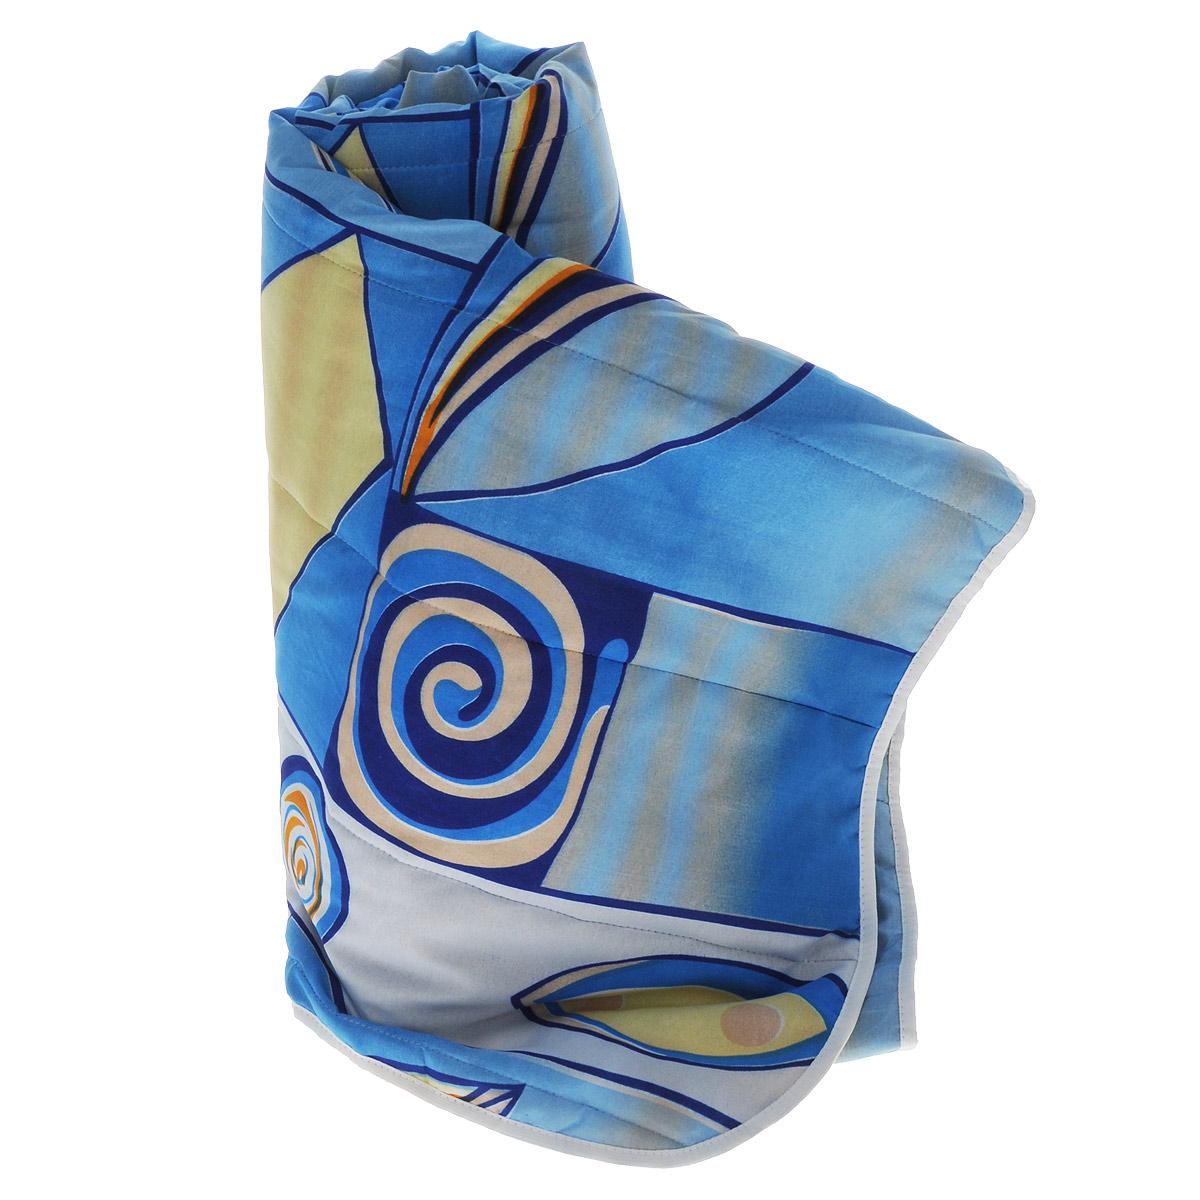 Одеяло летнее OL-Tex Miotex, наполнитель: холфитекс, цвет: синий, желтый, 200 х 220 смМХПЭ-22-1_синийЧехол летнего одеяла OL-Tex Miotex выполнен из высококачественного полиэстера. Наполнитель - холфитекс. Одеяло простегано - значит, наполнитель внутри будет всегда распределен равномерно. Изделие оформлено ярким рисунком.Идеально подойдет тем, кто ценит мягкость и тепло. Ручная стирка при температуре 30°С. Материал чехла: 100% полиэстер.Наполнитель: холфитекс.